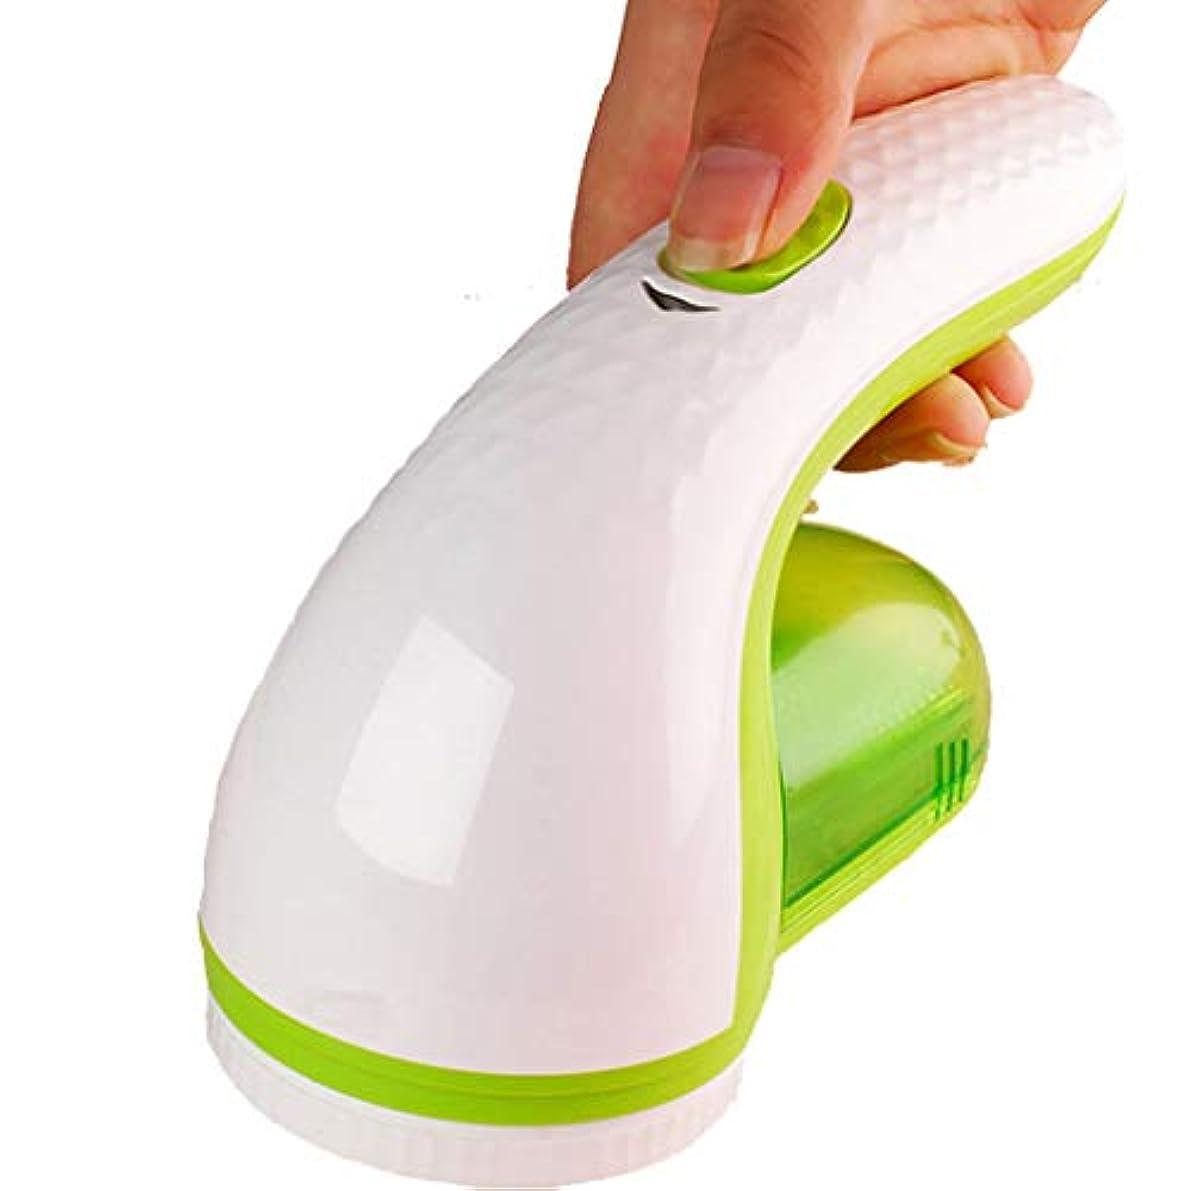 遊びます湿度レガシーWei Zhe- ファブリックシェーバー - リントリムーバー衣類シェーバーポータブルリチャージブルボブファブリックシェーバー剃刀 携帯用かみそり